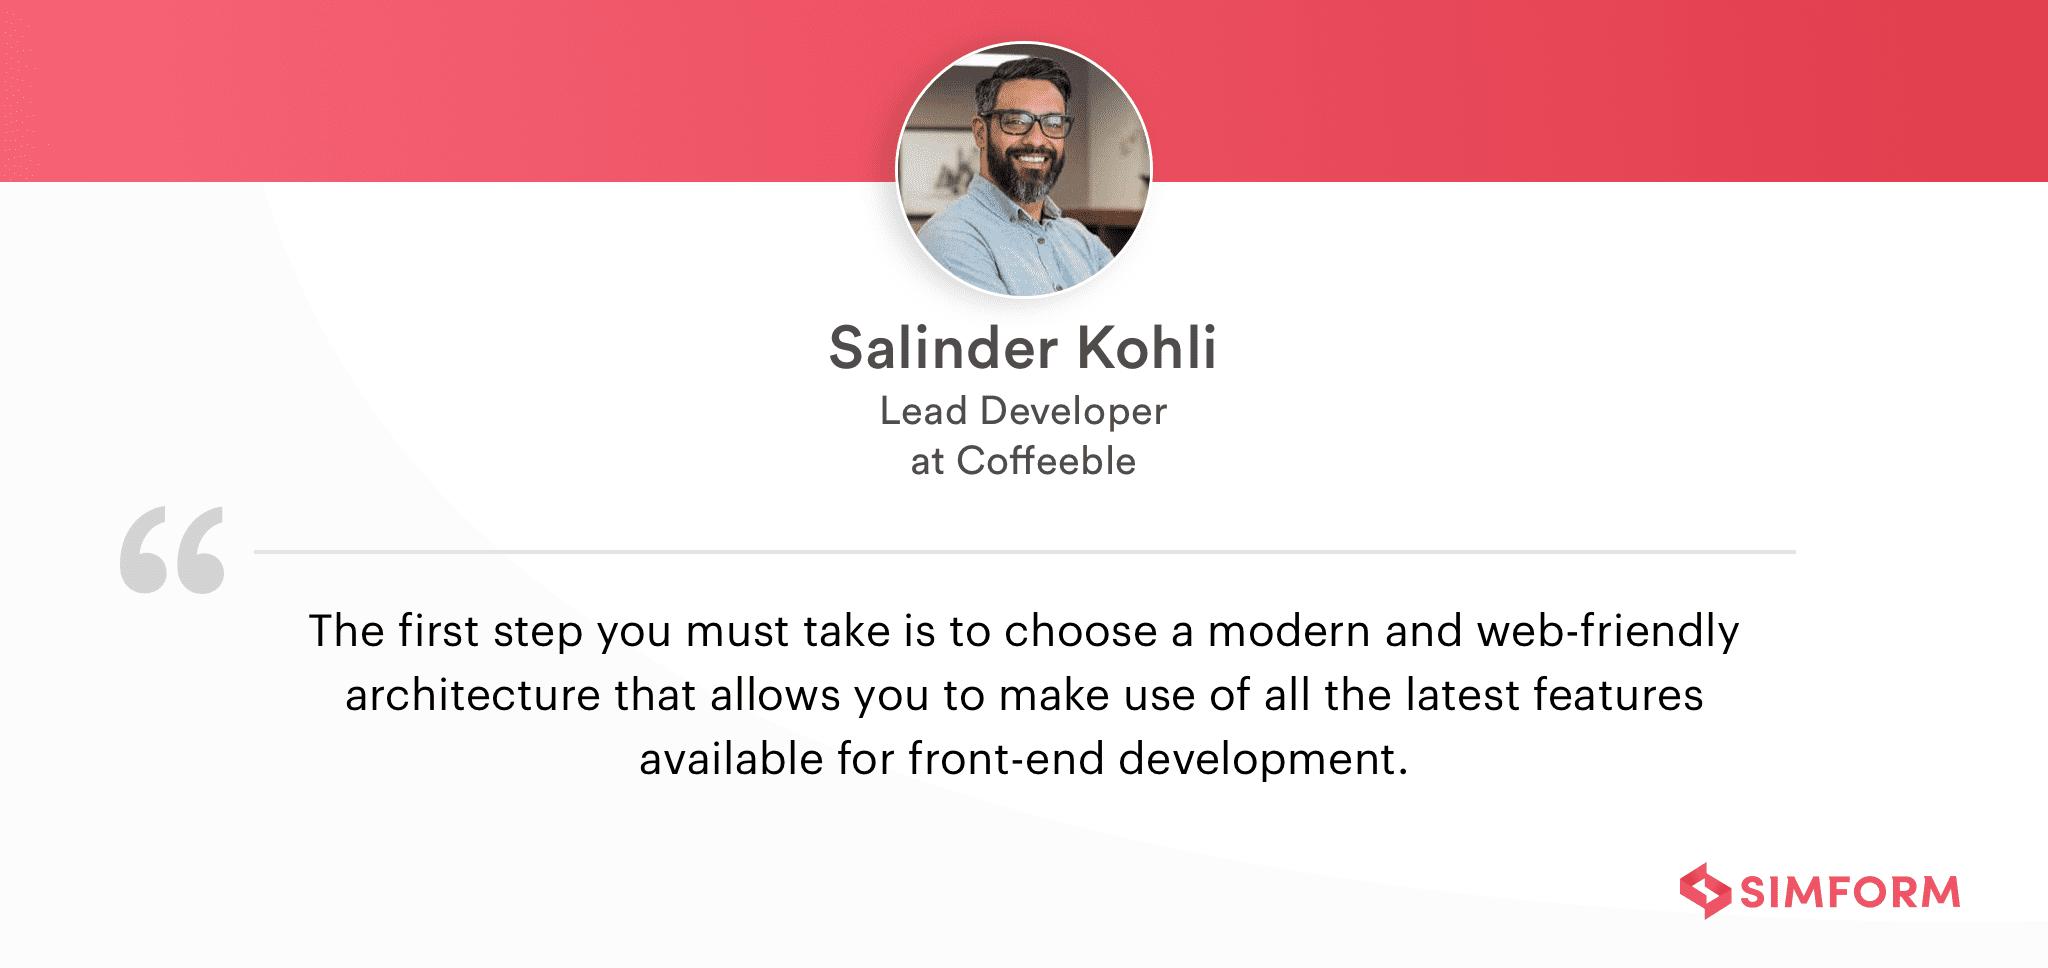 Salinder Kohli on front-end architecture